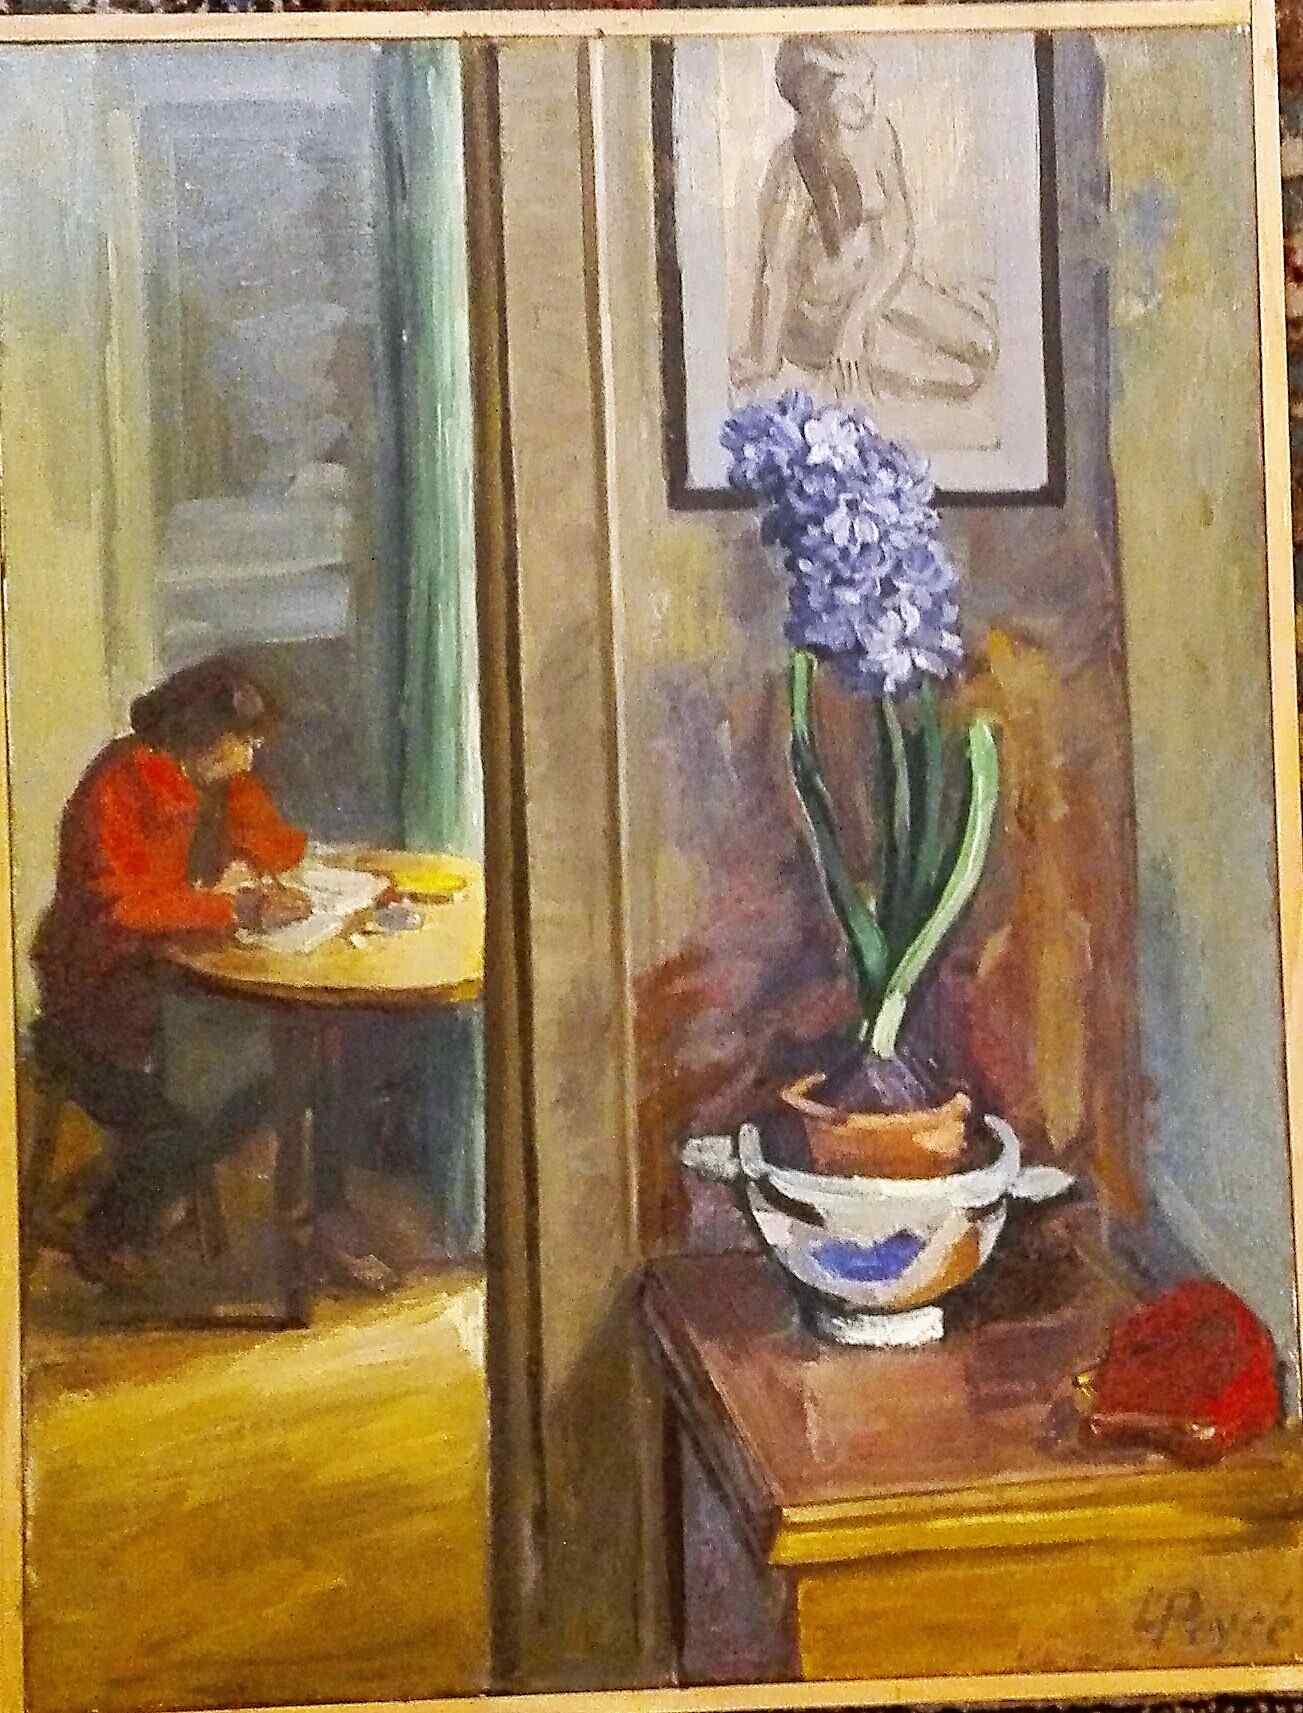 Louis Peyré painter and ceramist 1923-2012